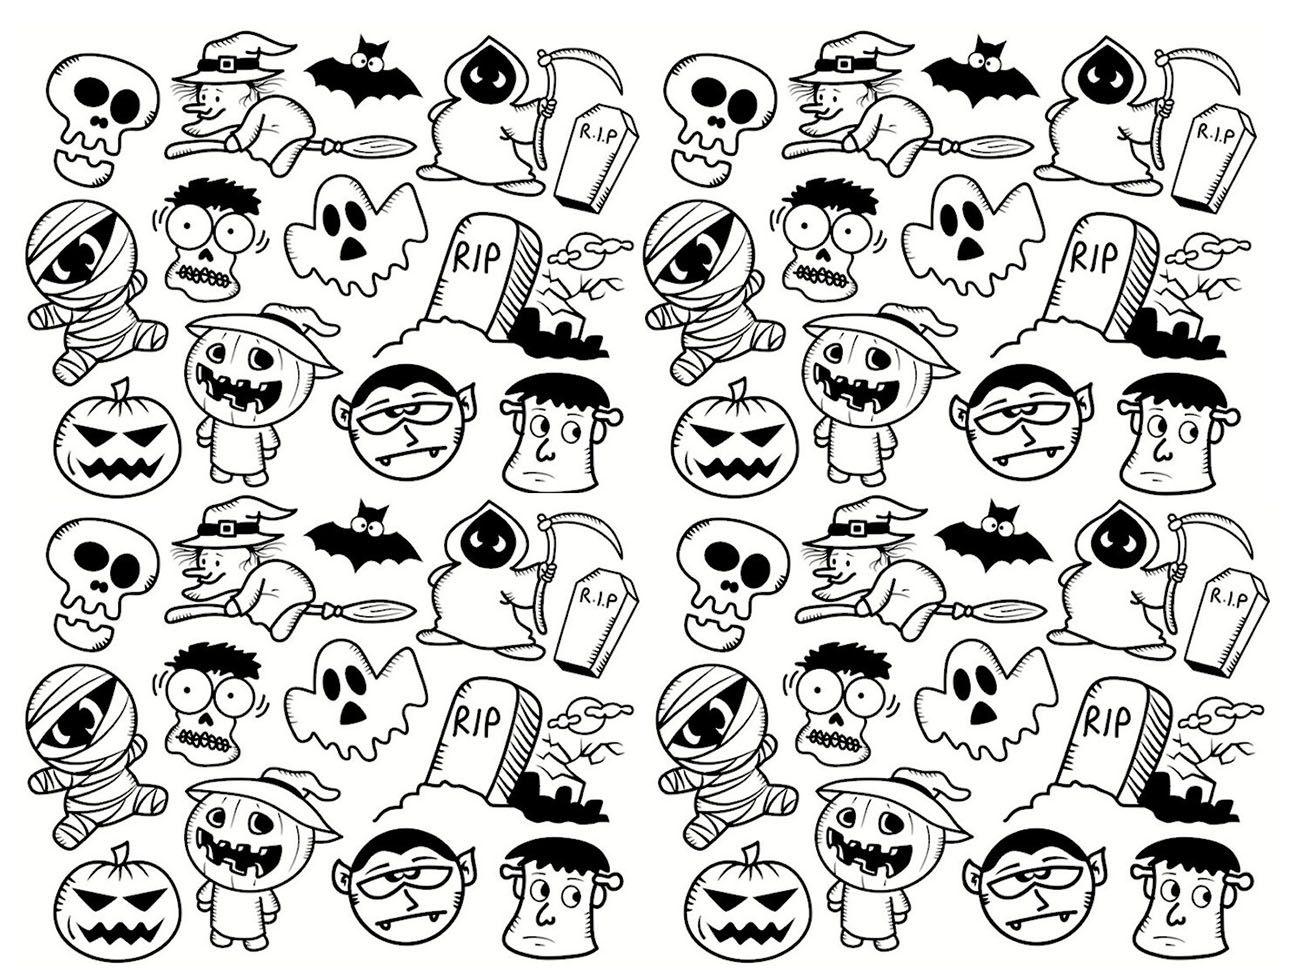 Doodle complexe pour HalloweenA partir de la galerie